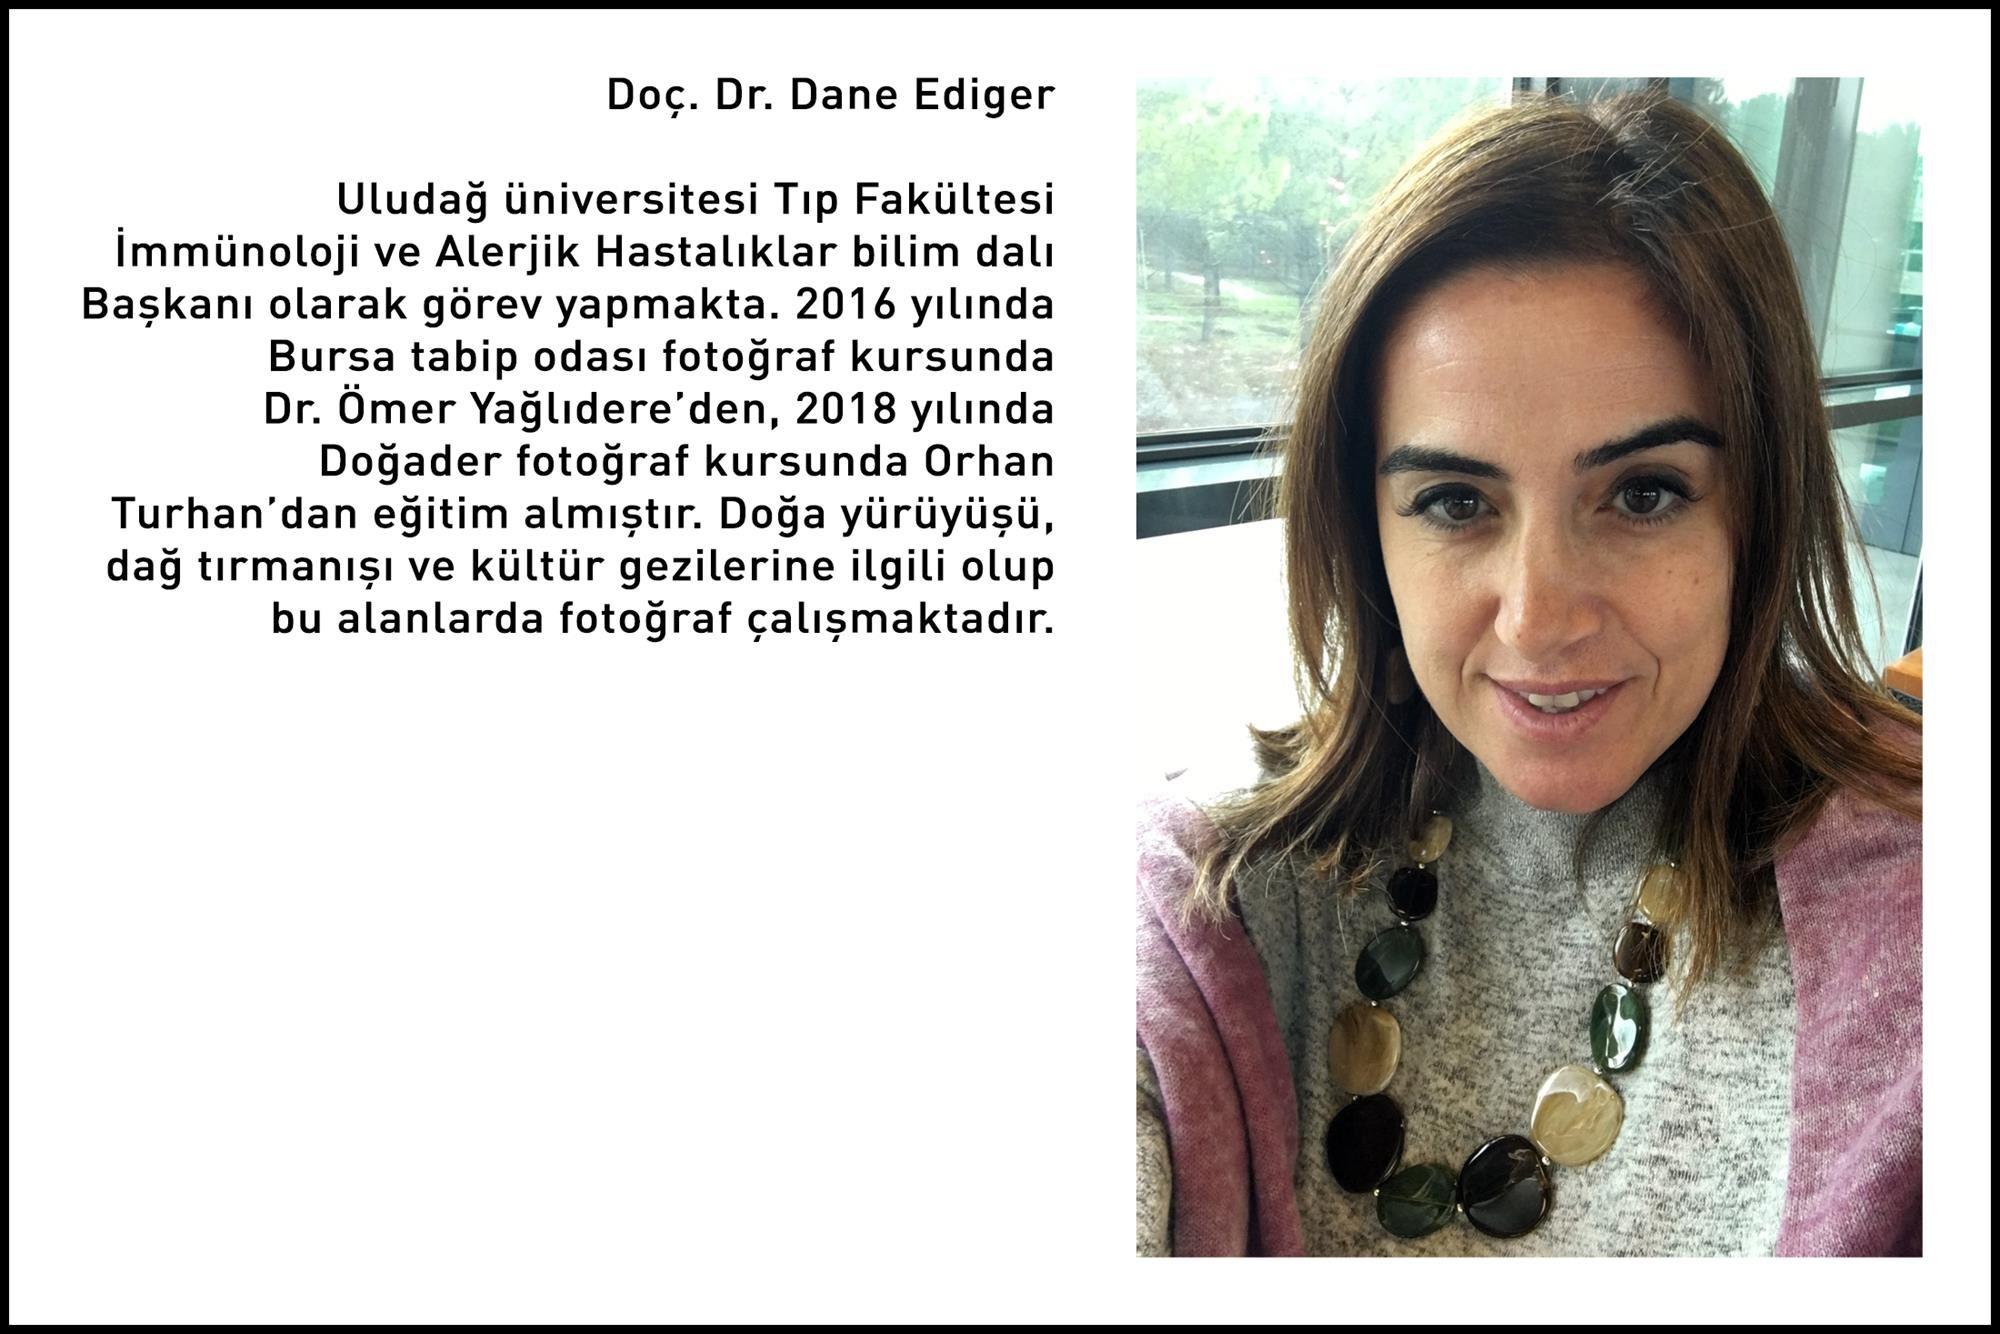 Doç. Dr. Dane Ediger